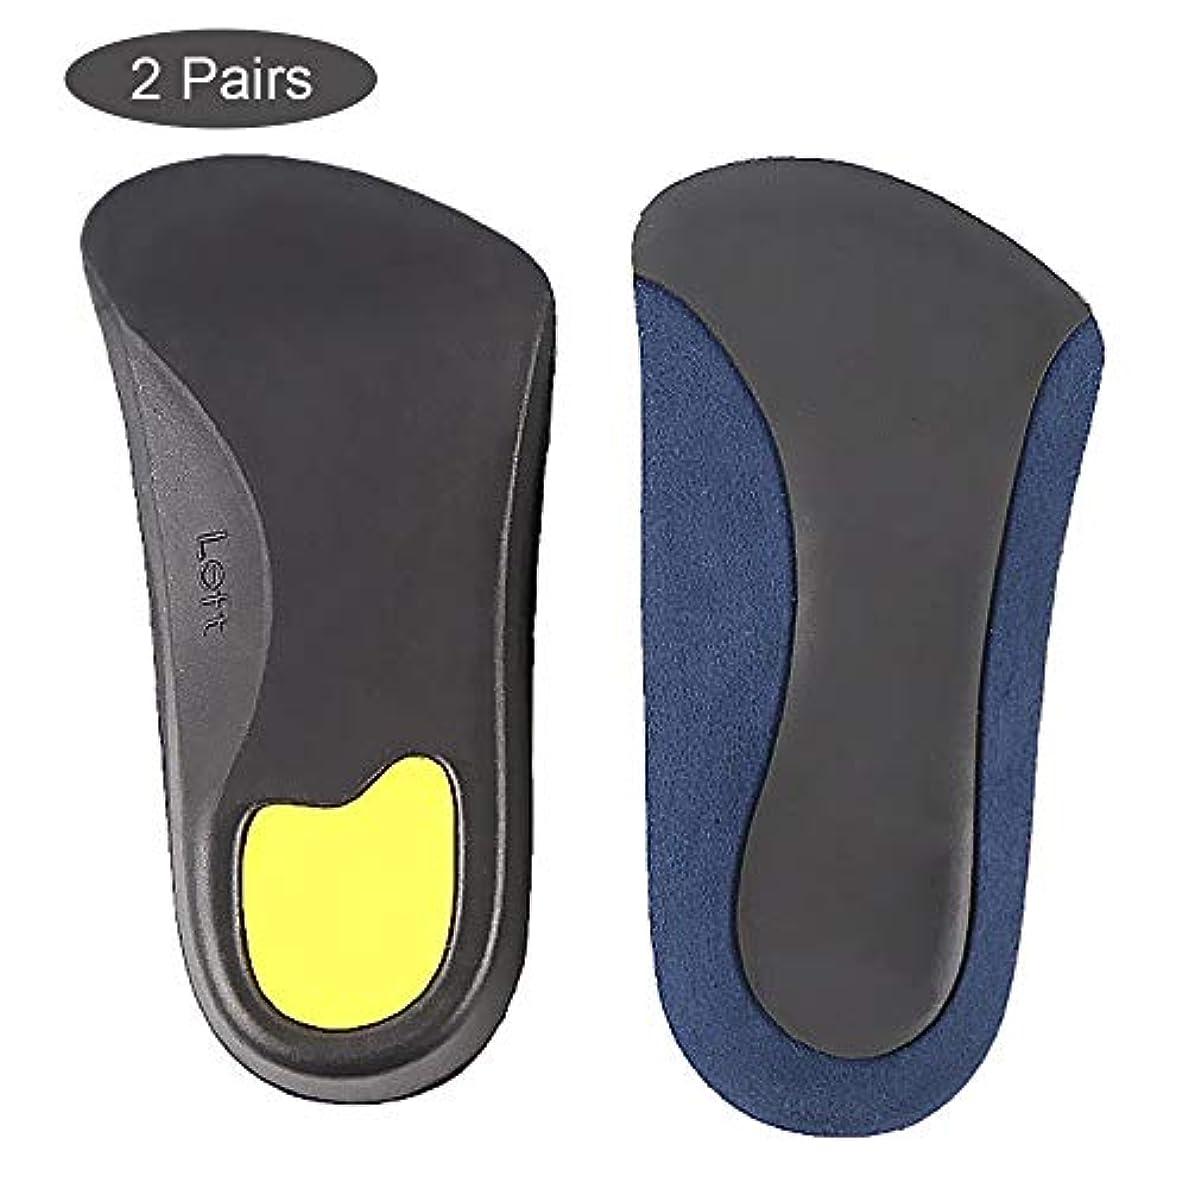 カウントアップ然とした放射能アーチサポートインソール2ペアオルソティックインソールトリートメントフラットフットフット痛みを軽減,M